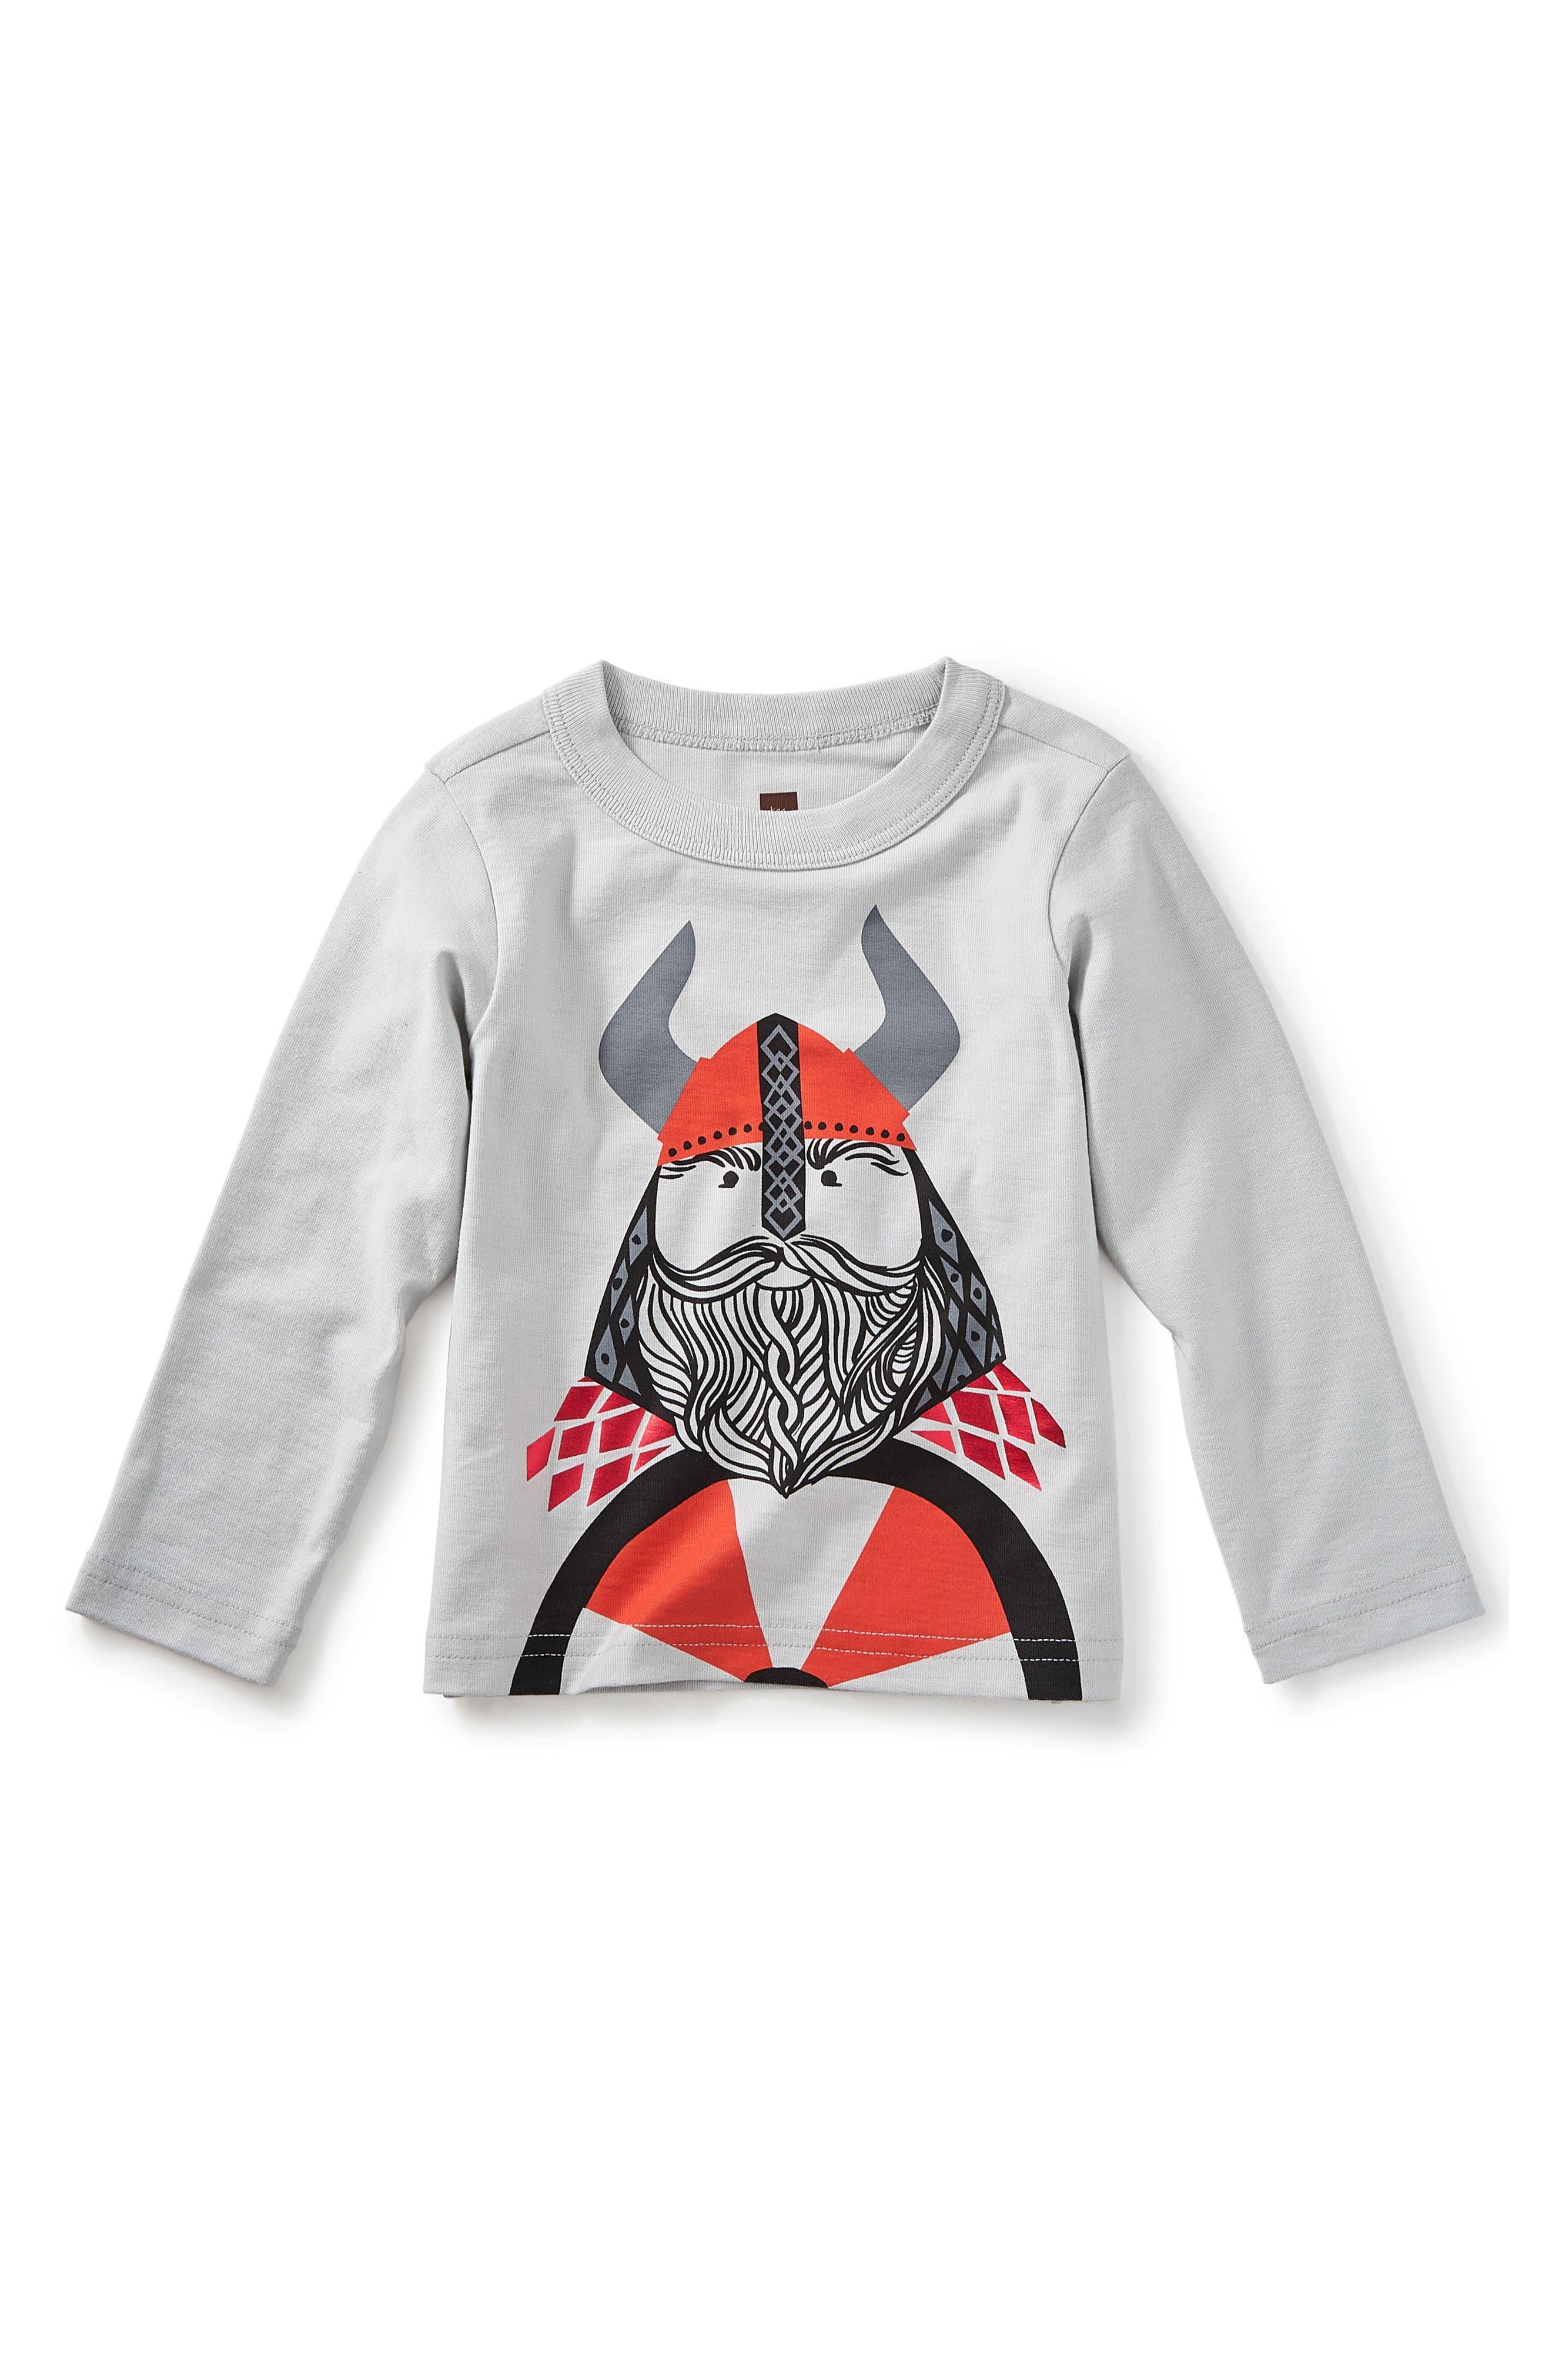 Little Viking Graphic T-Shirt,                         Main,                         color, Platinum